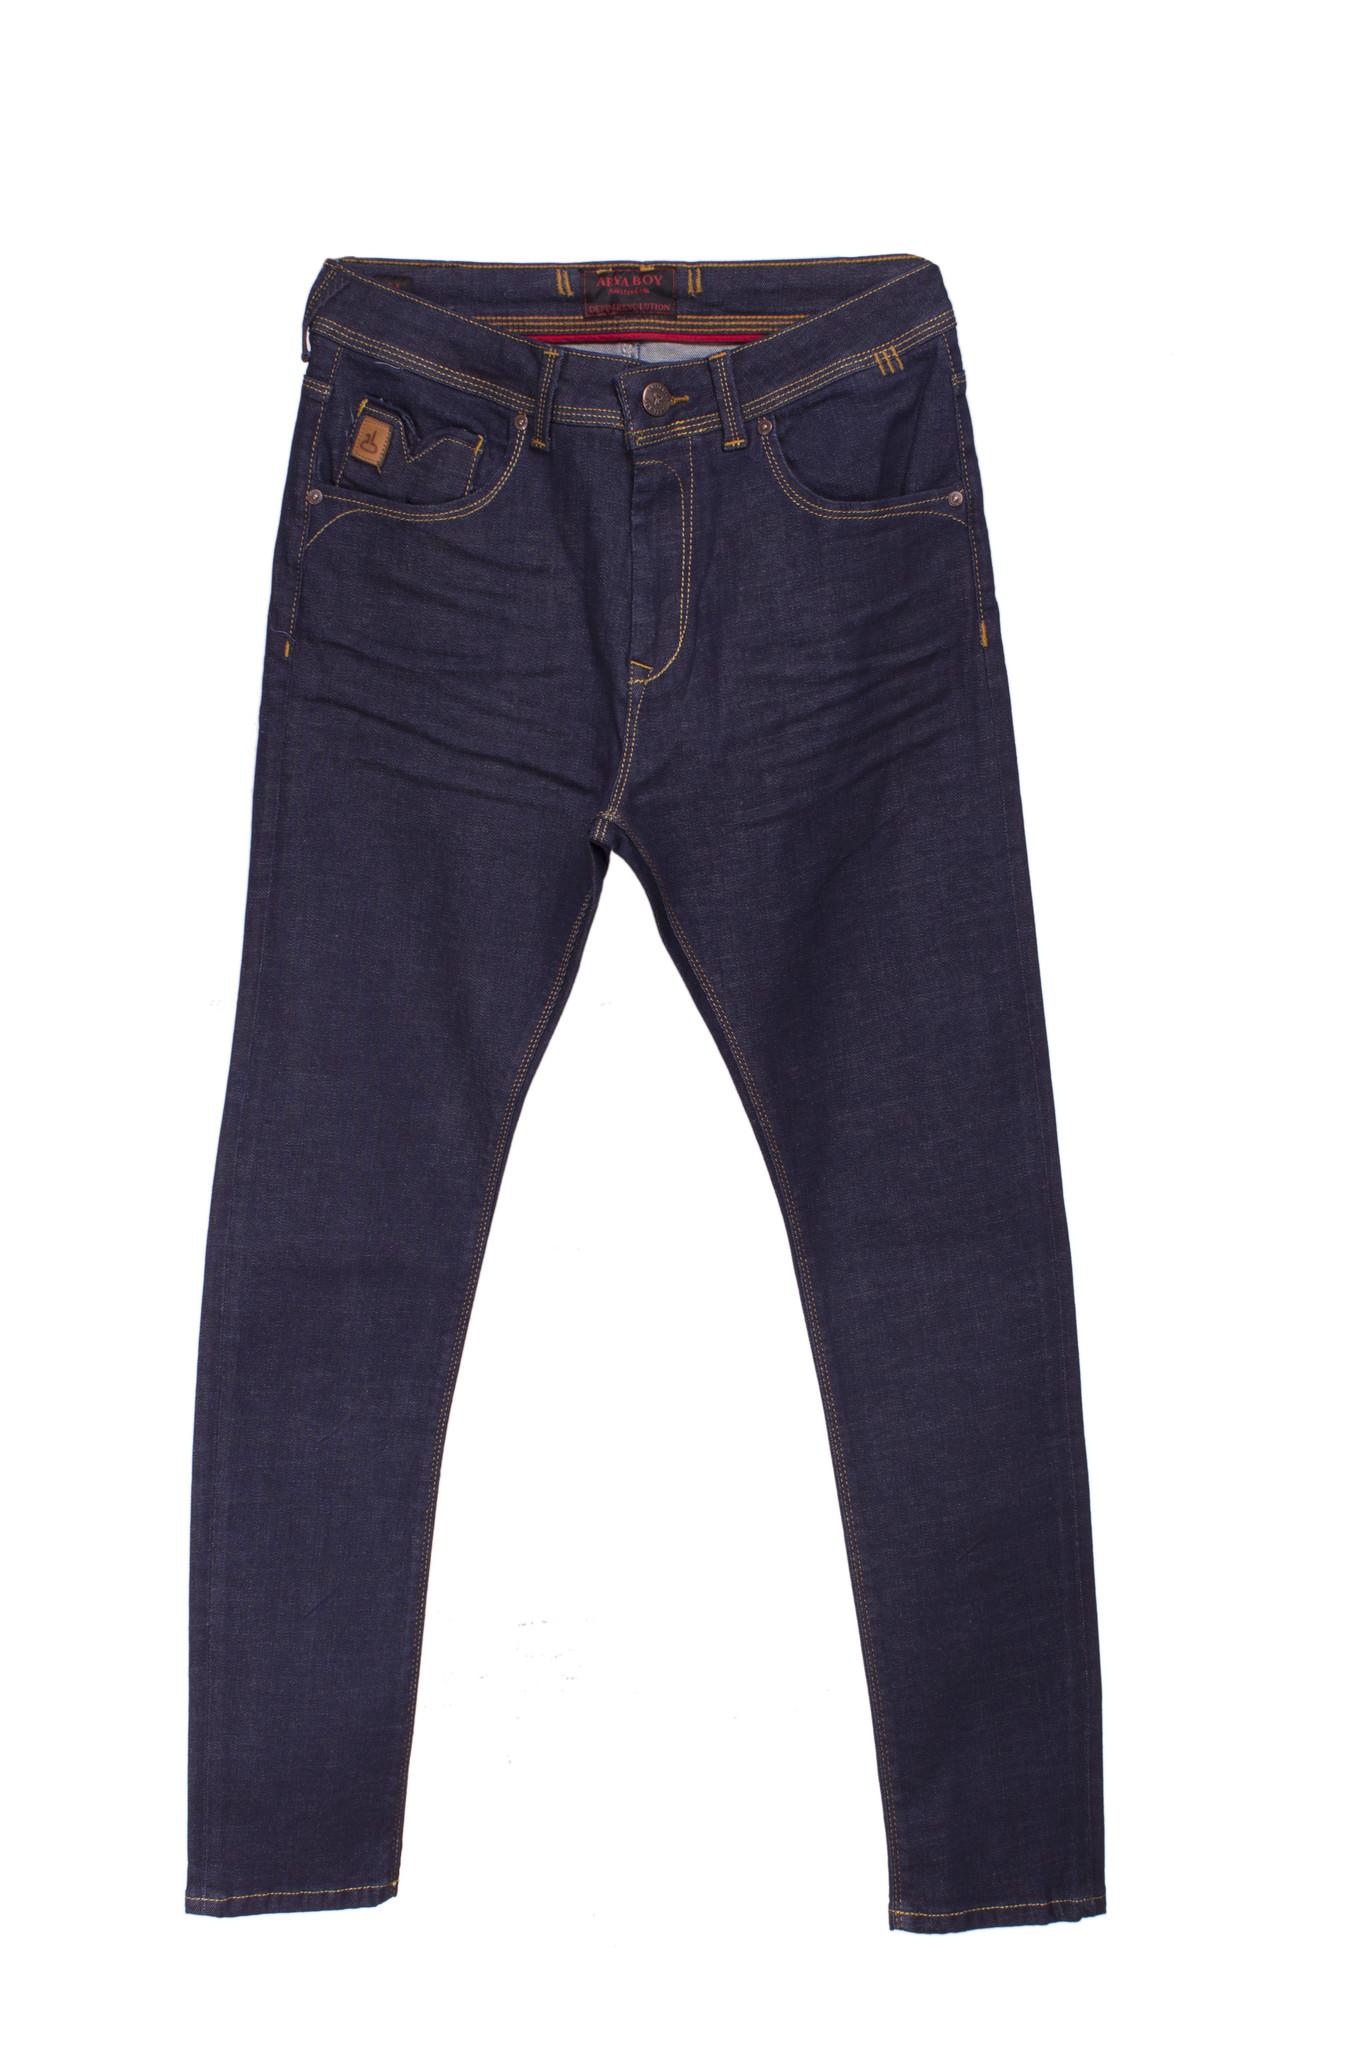 Arya Boy Jeans 82040 Dark Navy